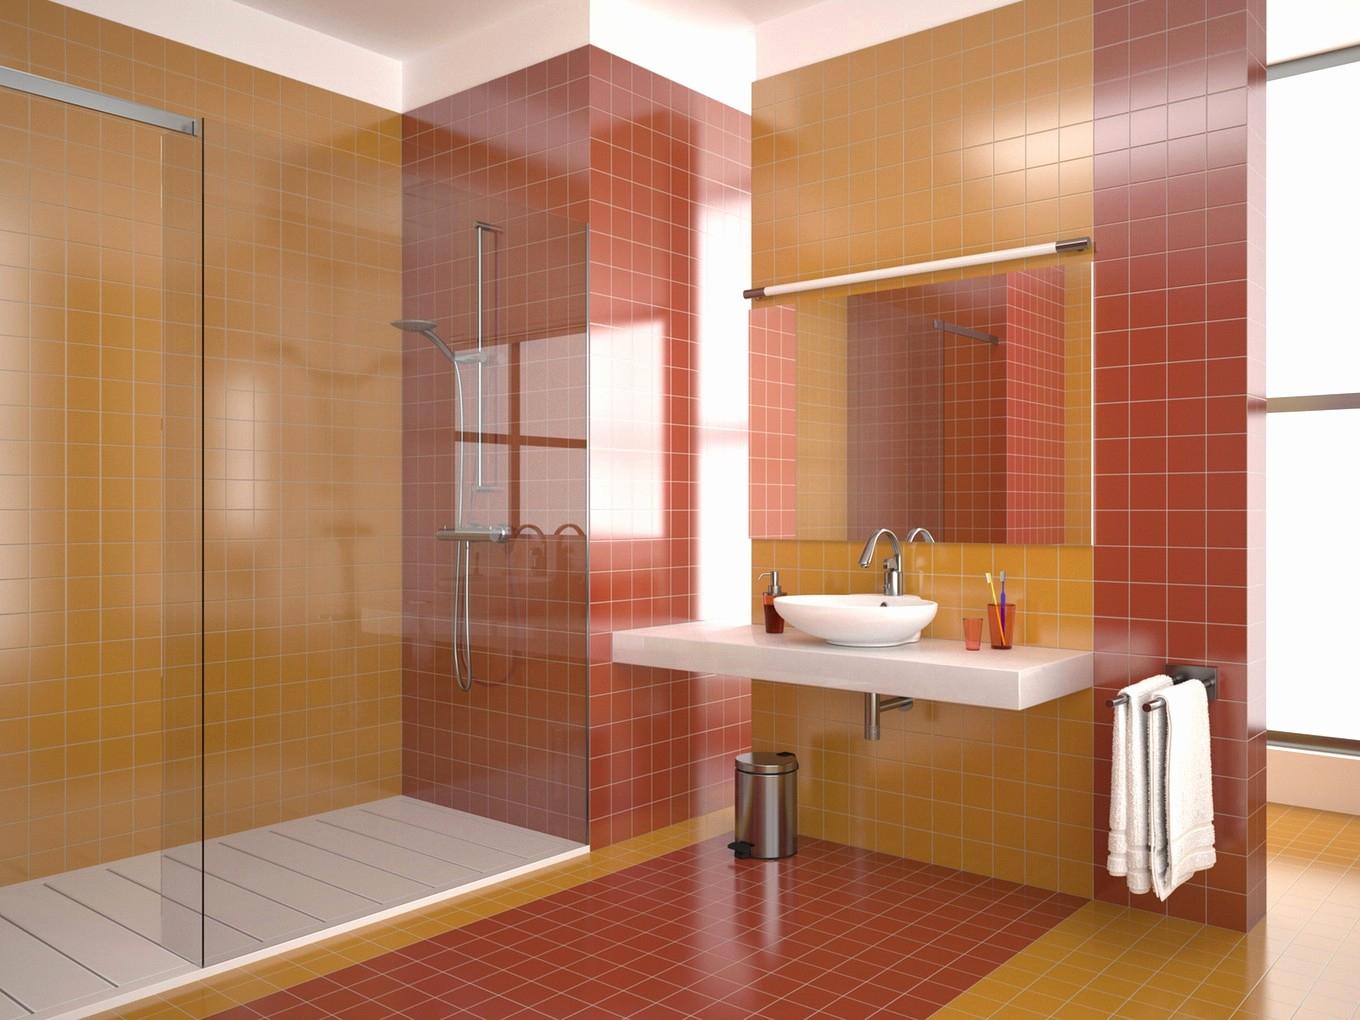 Point P Faience Salle De Bain Inspirant Images Carrelage Salle De Bain Bambou Carreaux De Ciment Castorama Luxe